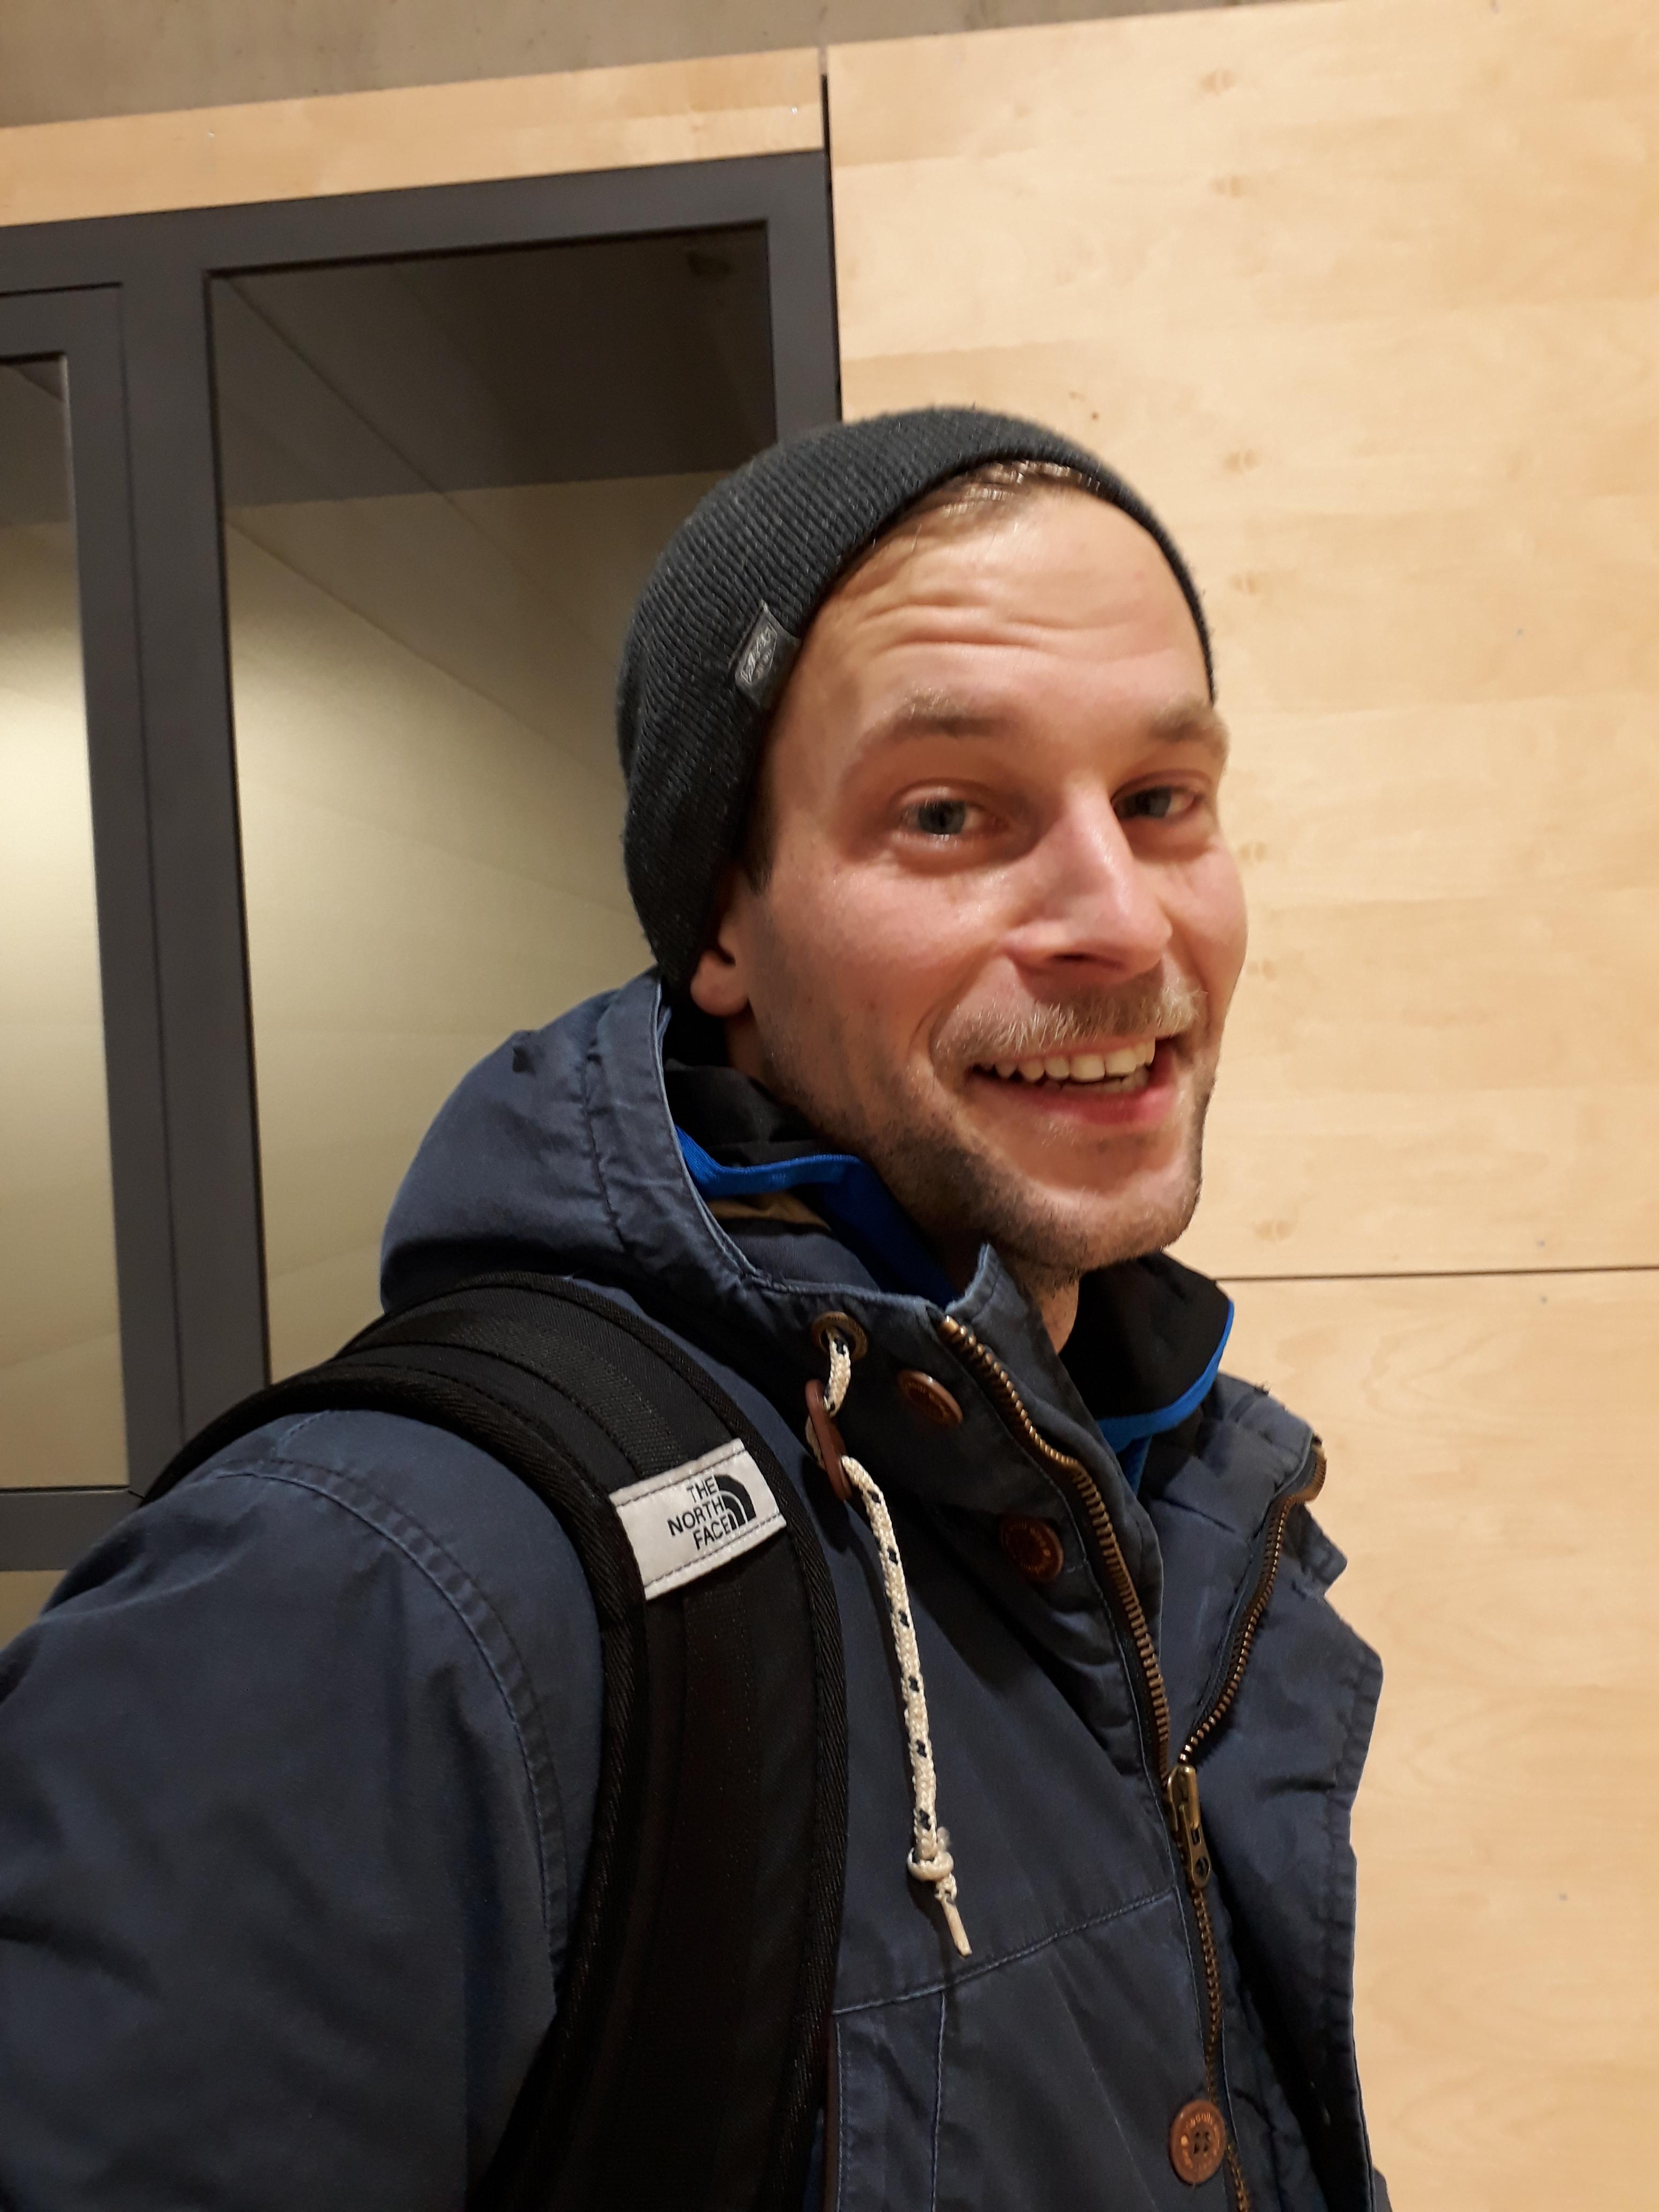 MarkusBruer